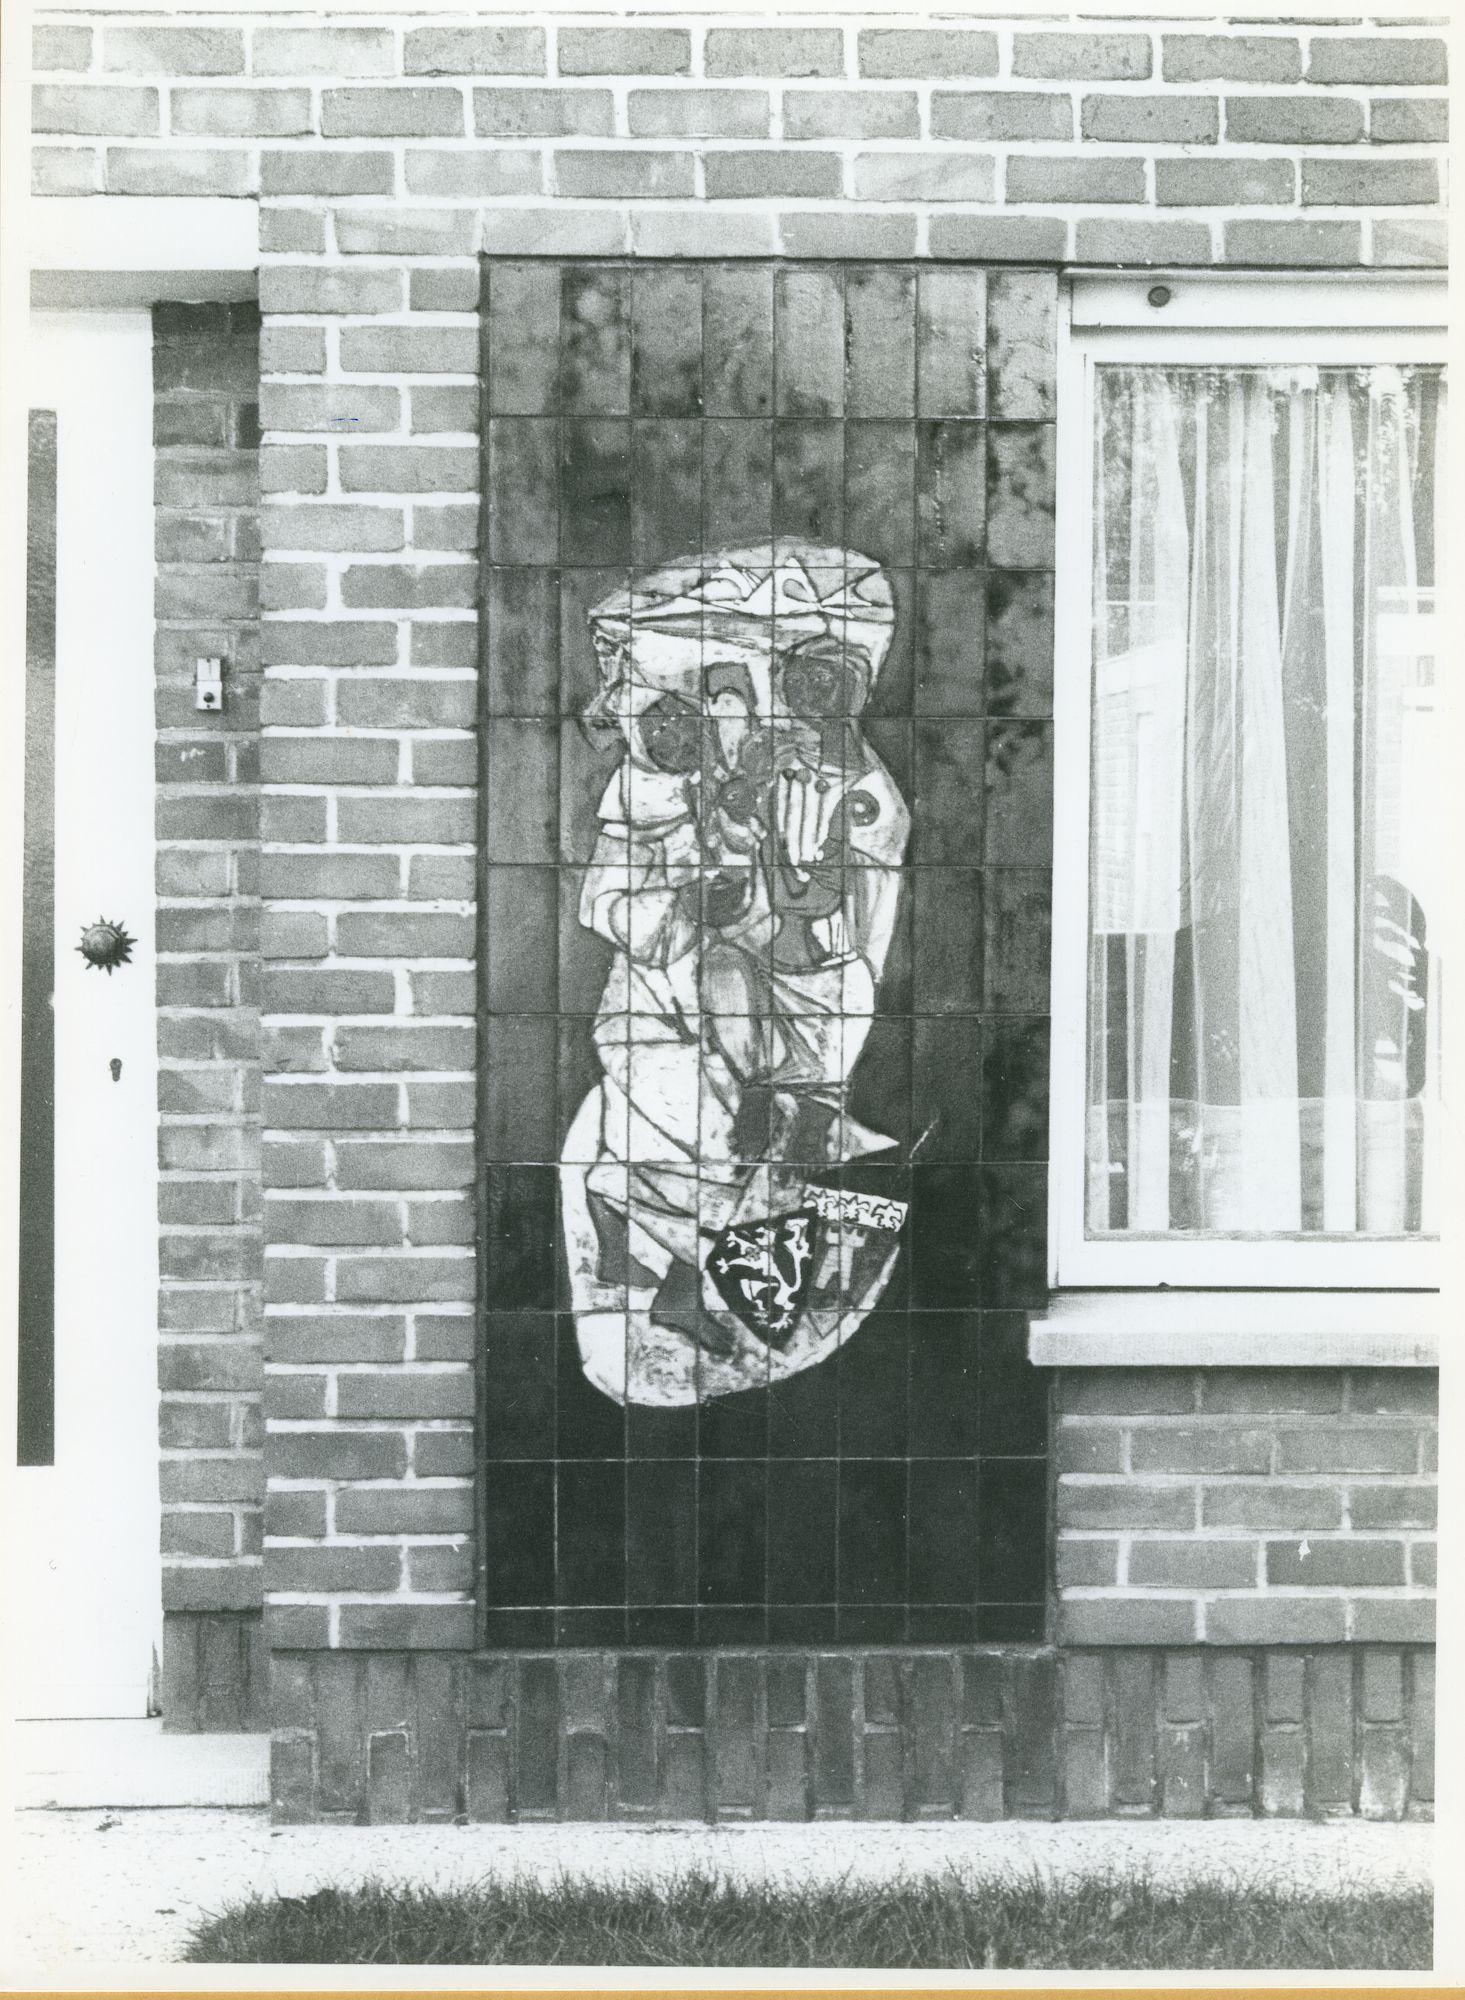 Wondelgem: Meikeverlaan 31: Gevelversiering, 1979